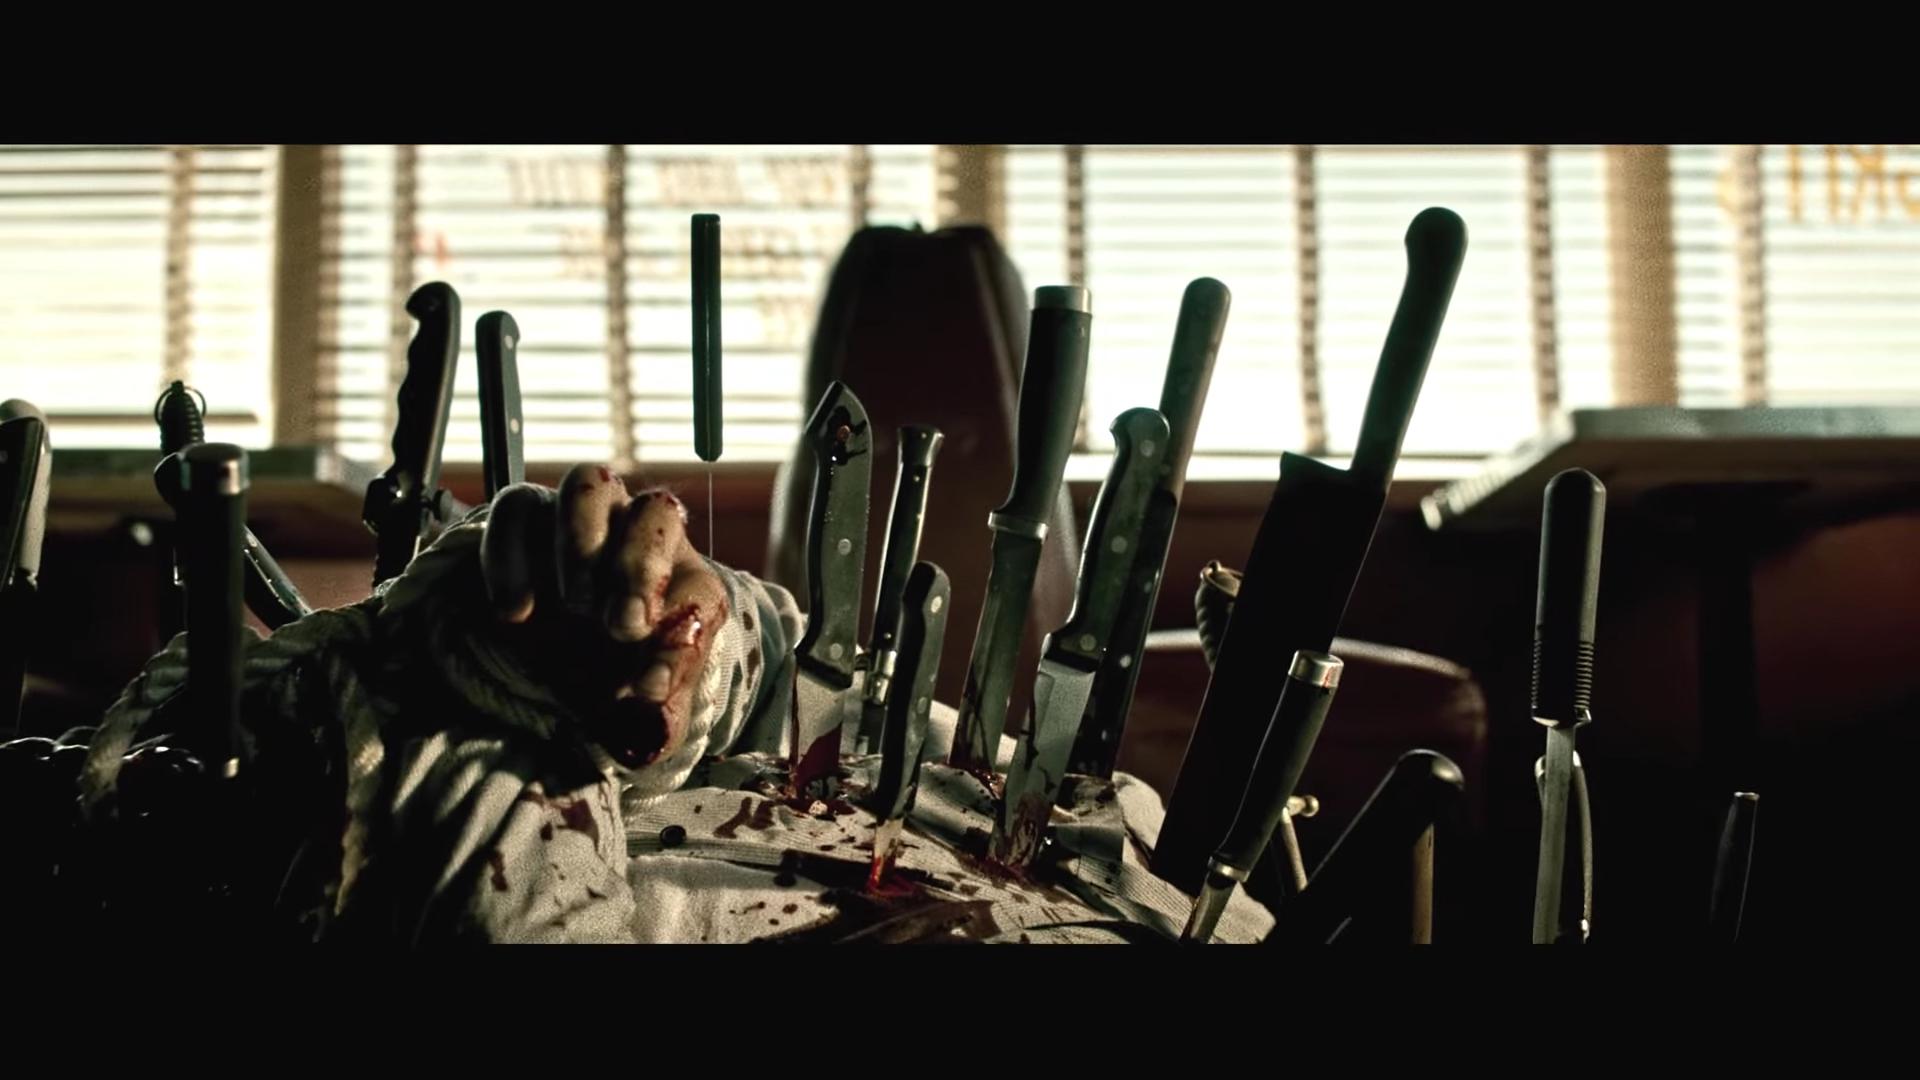 Ausschnitt aus dem neuen, brutalen Slayer-Video.